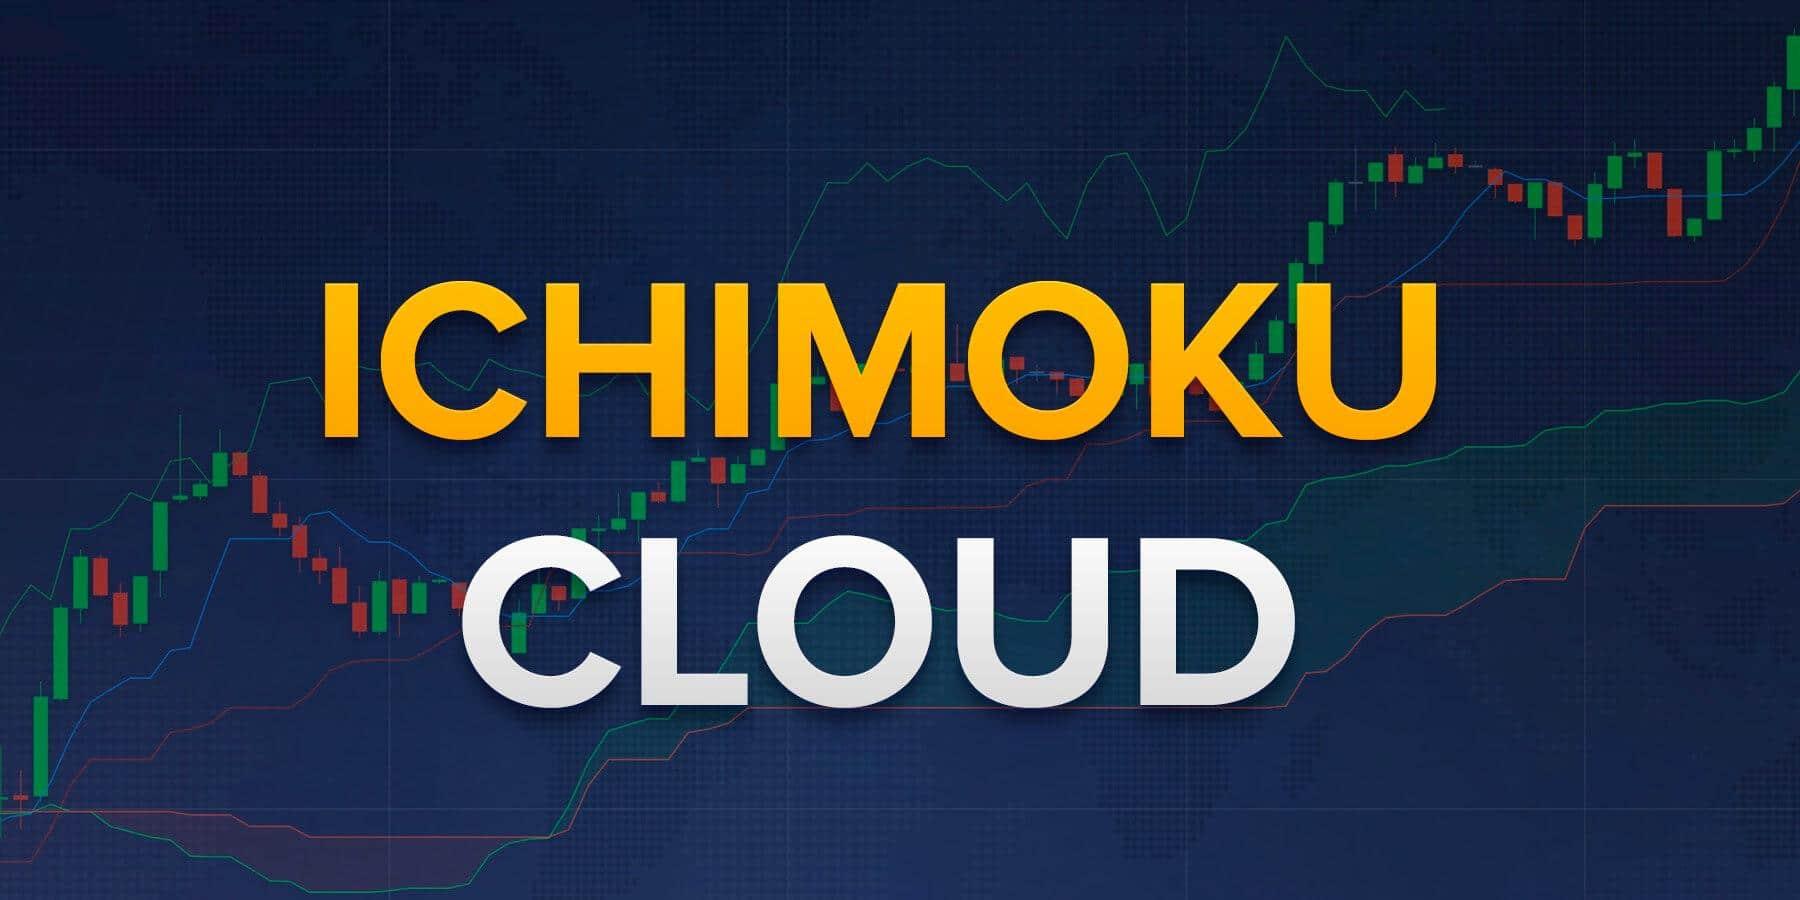 Ichimoku Cloud indicator